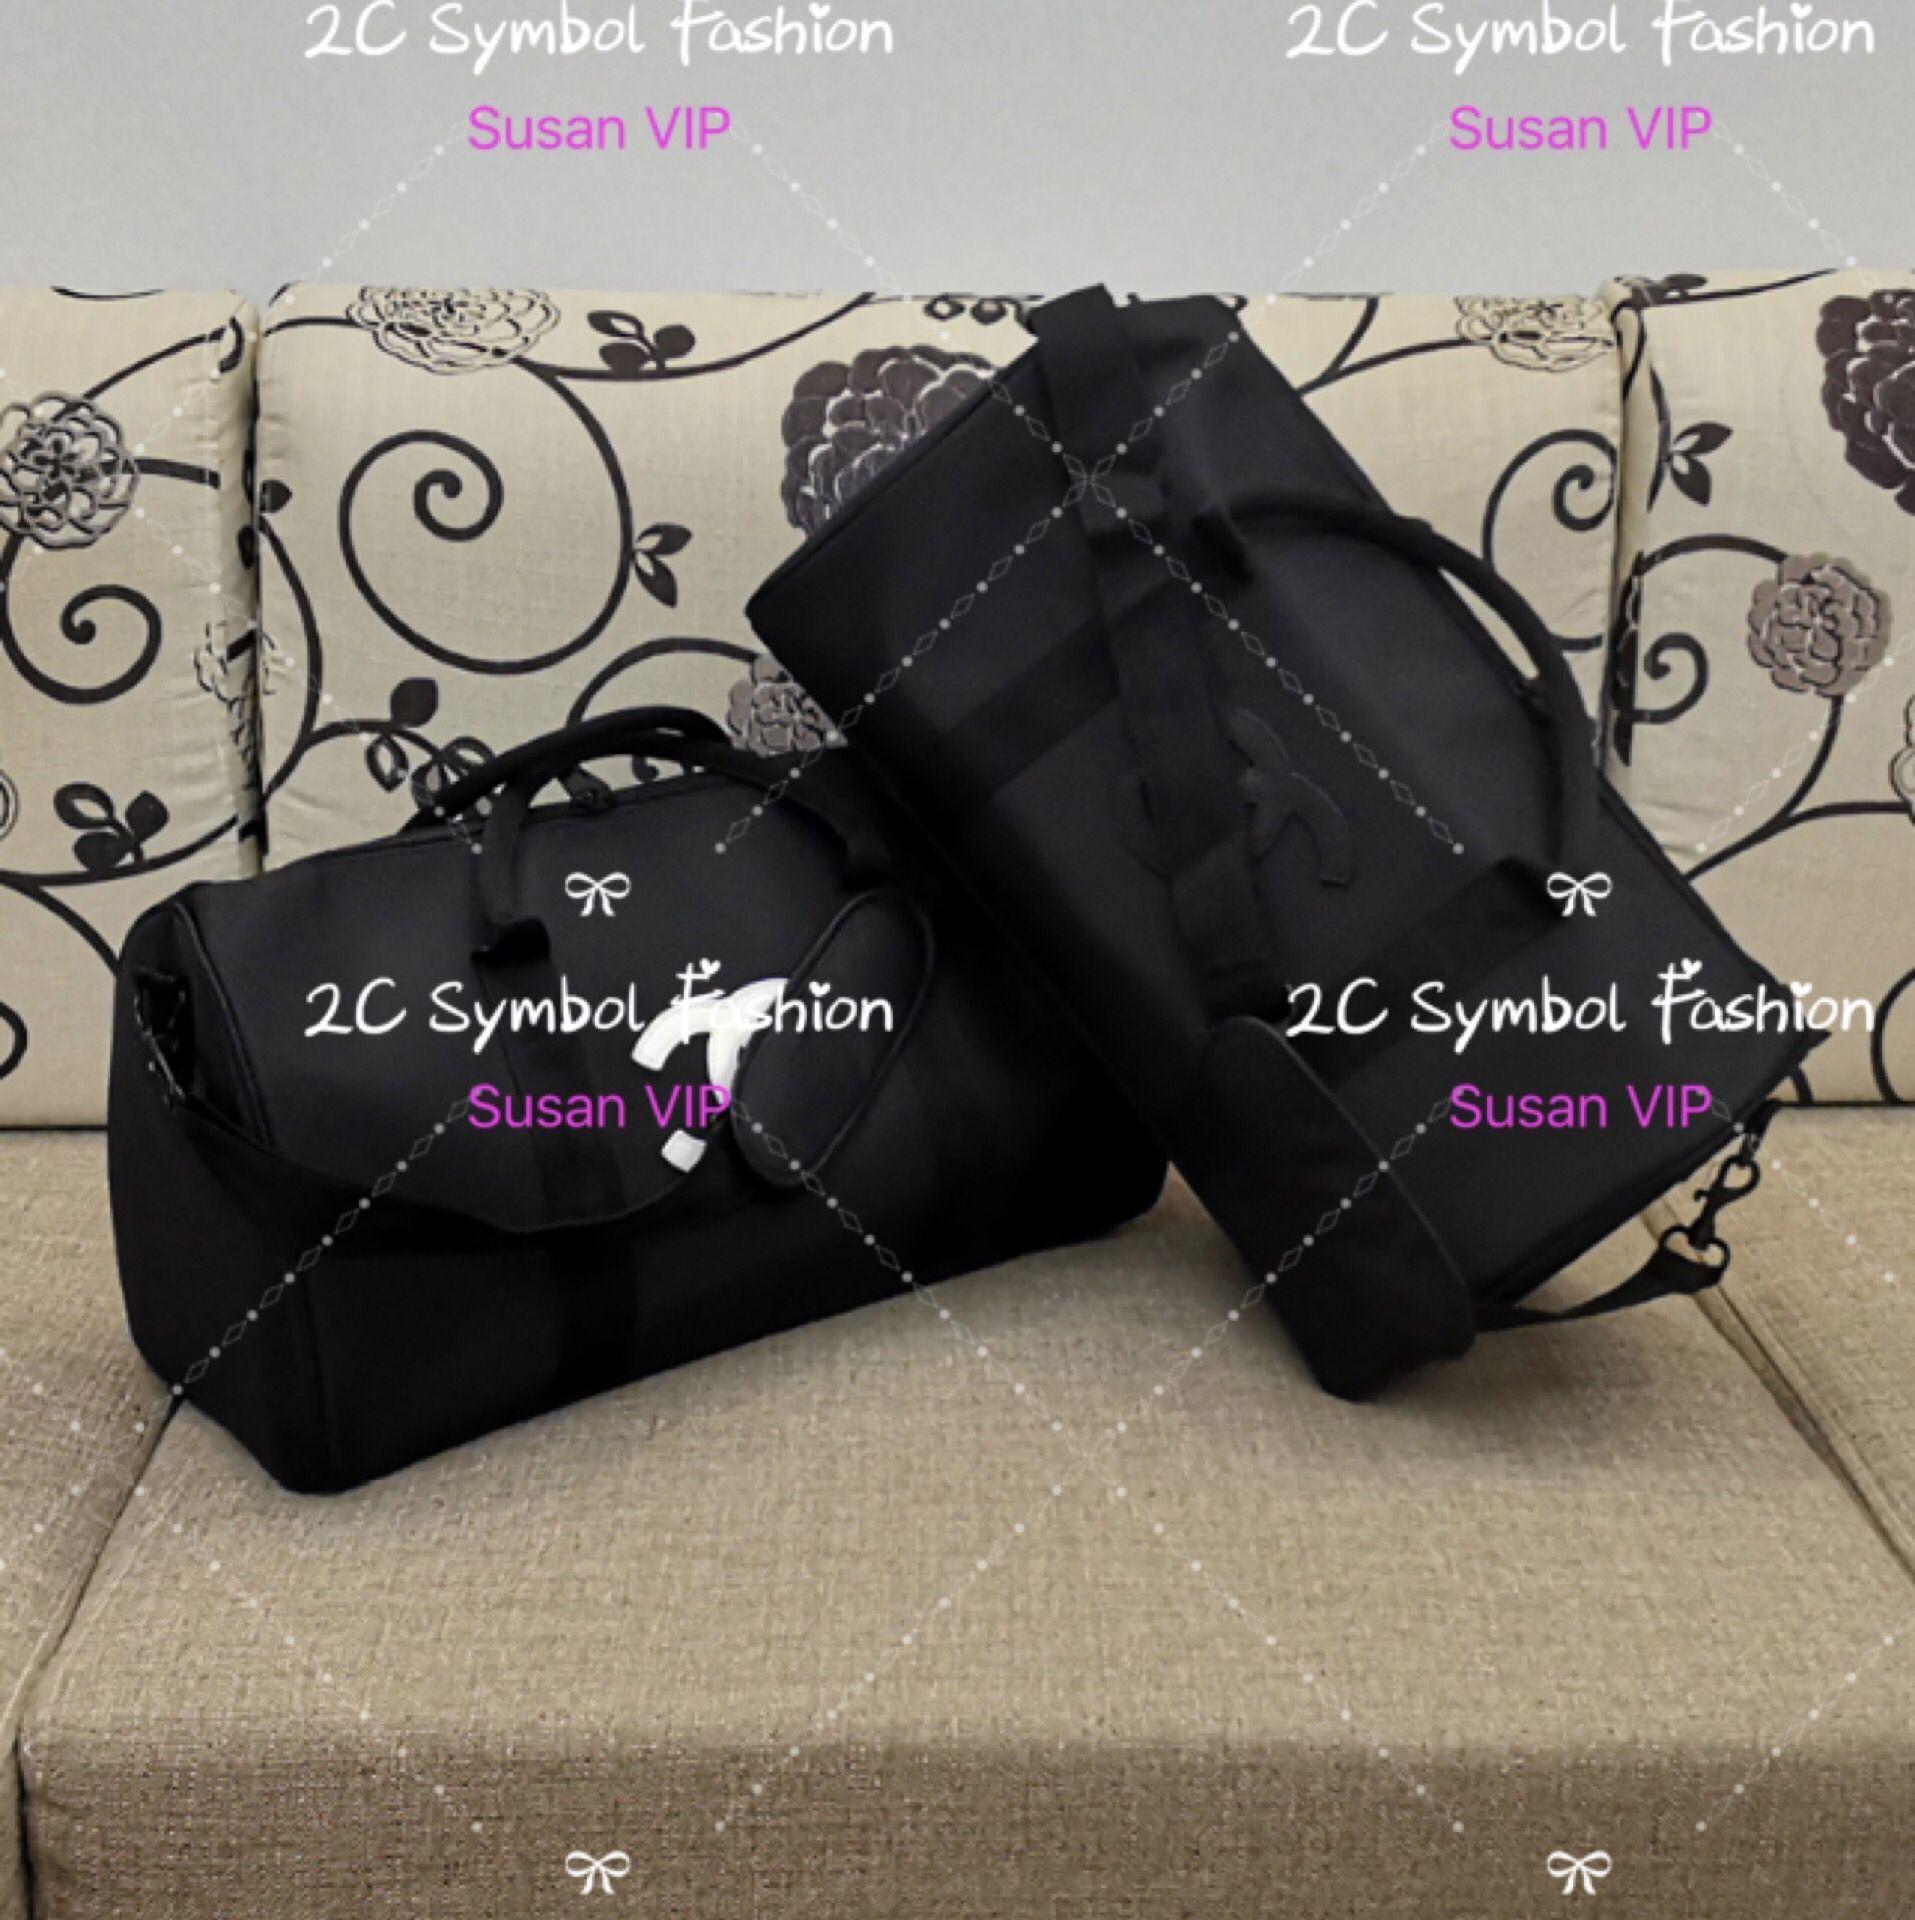 45X25X21Cm ~ bolsa de almacenamiento de lujo de diseño CC fashionquilted lona de asas clásica del recorrido para el deporte o el caso Yago cosmética de maquillaje de almacenamiento VIP